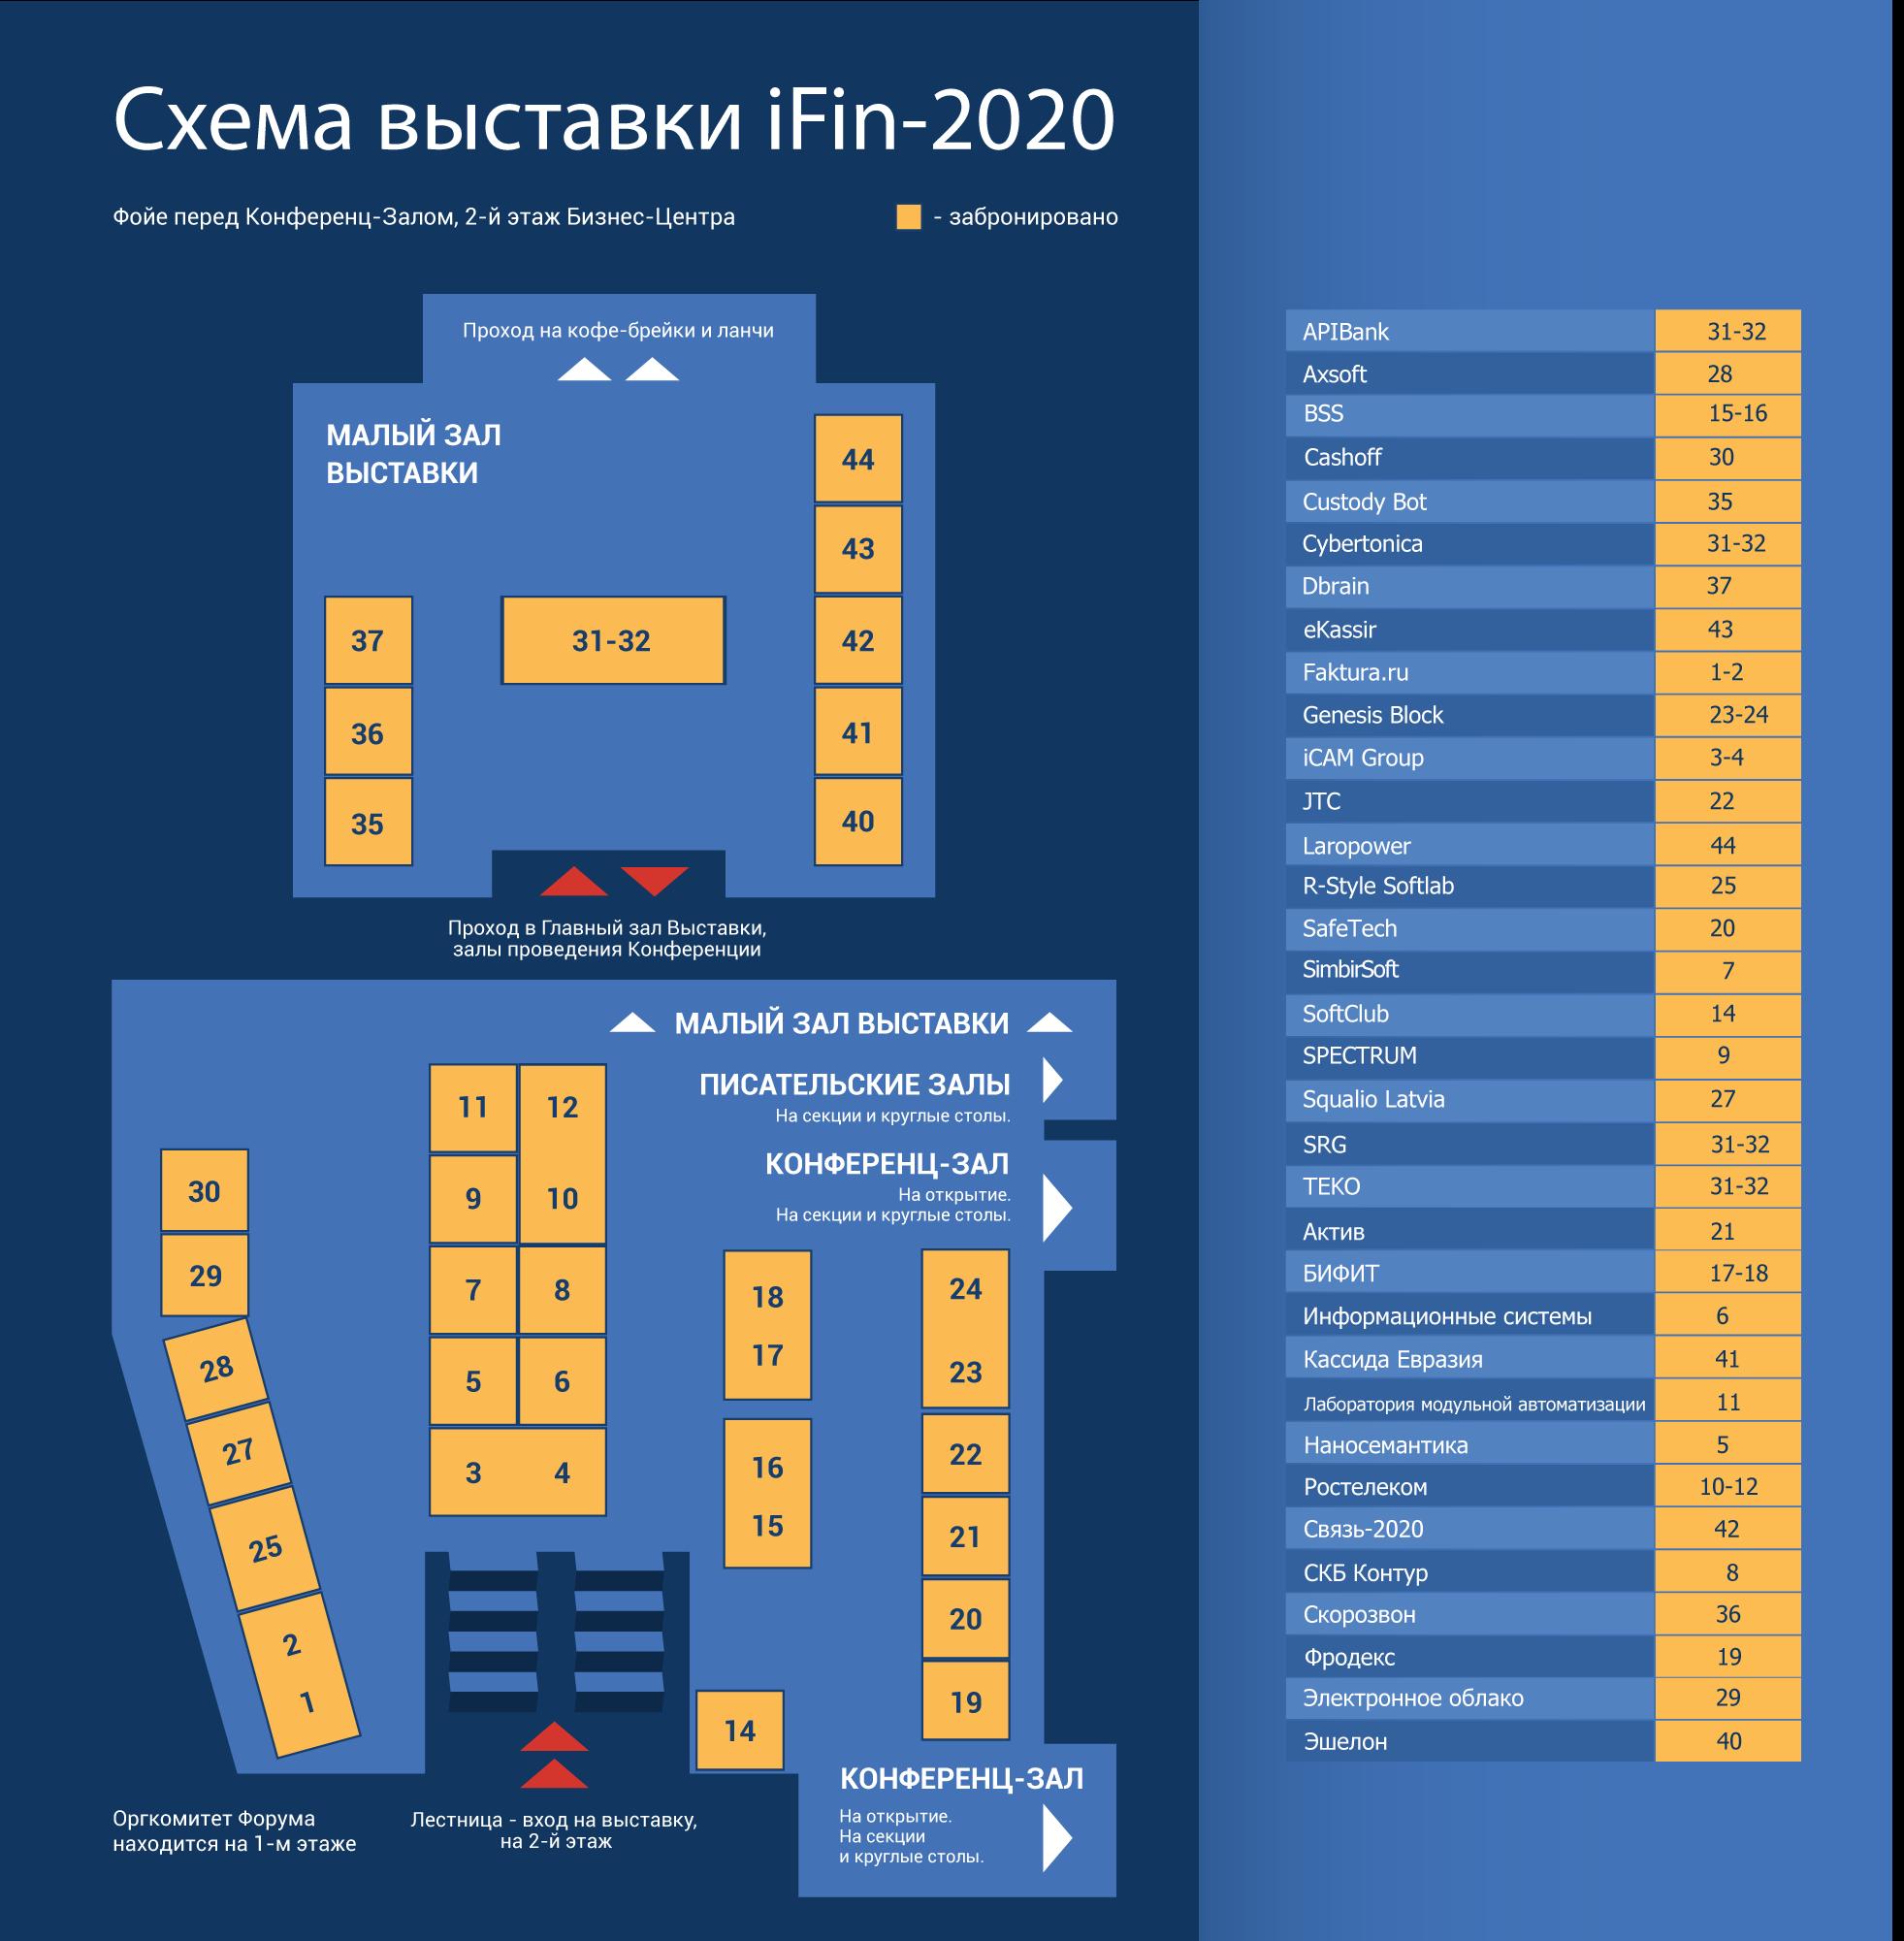 Схема выставки iFin-2020